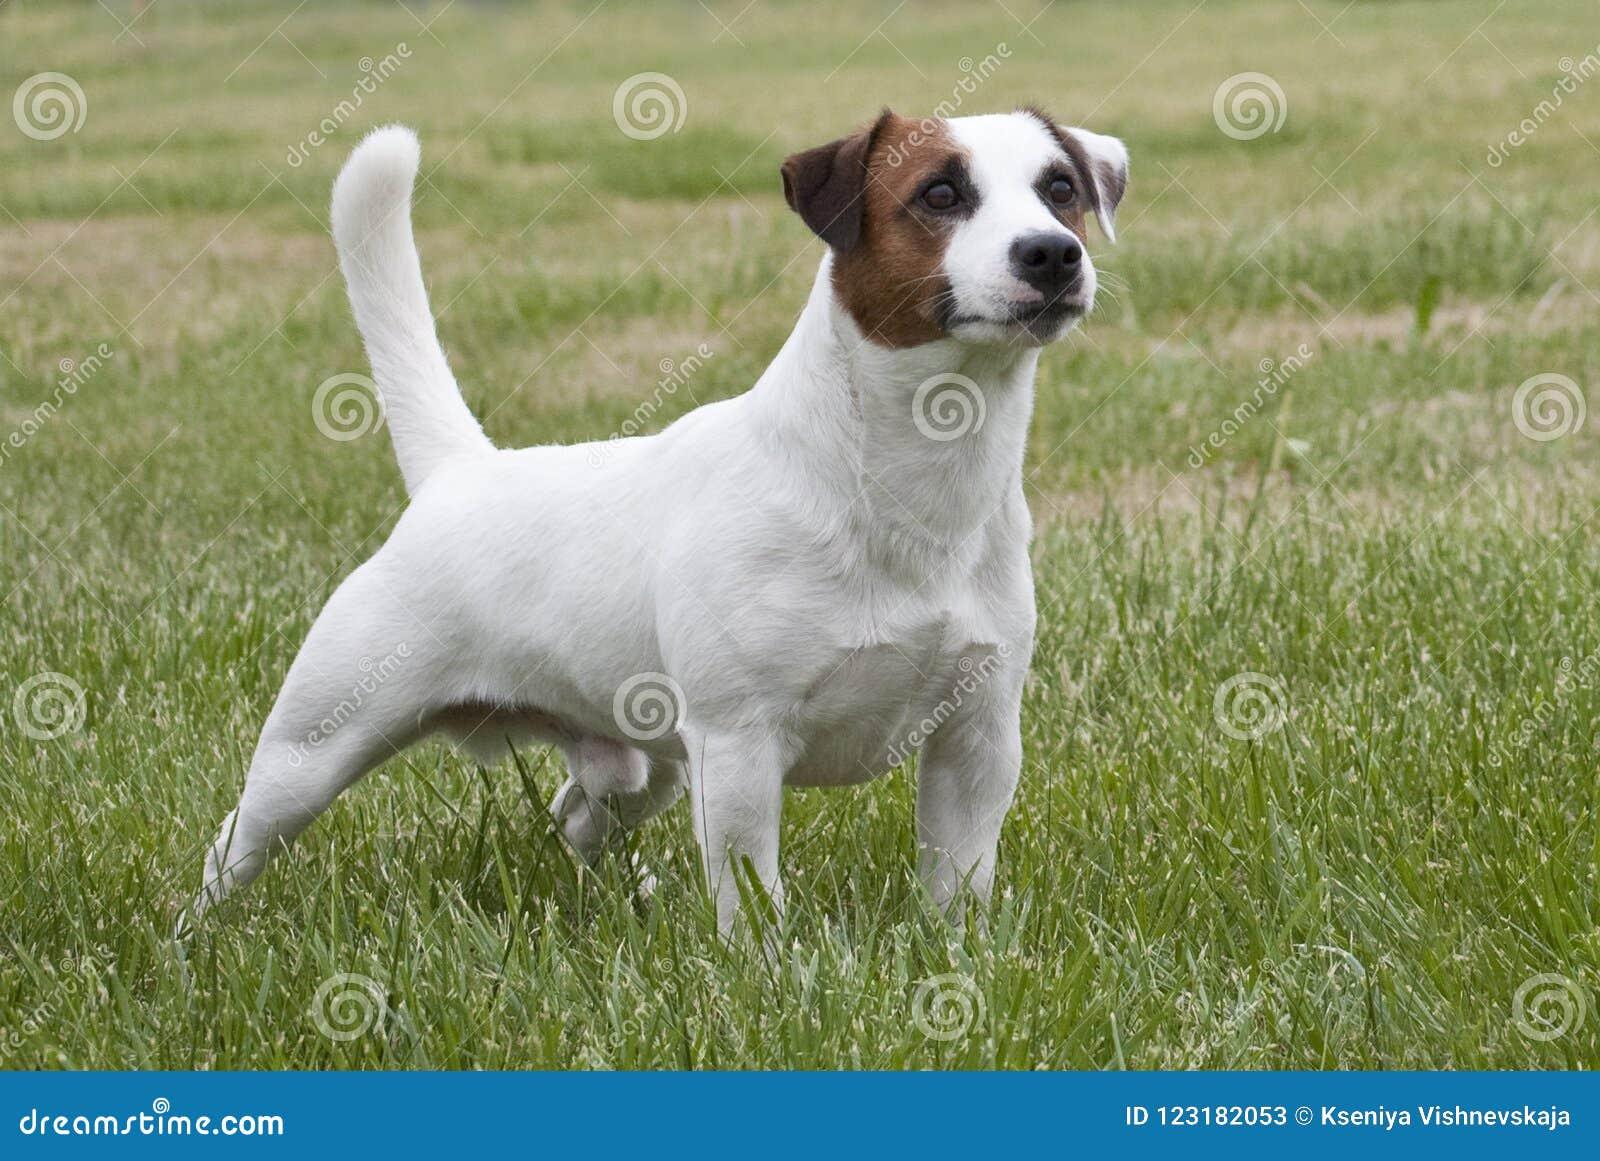 白色和棕色杰克罗素狗